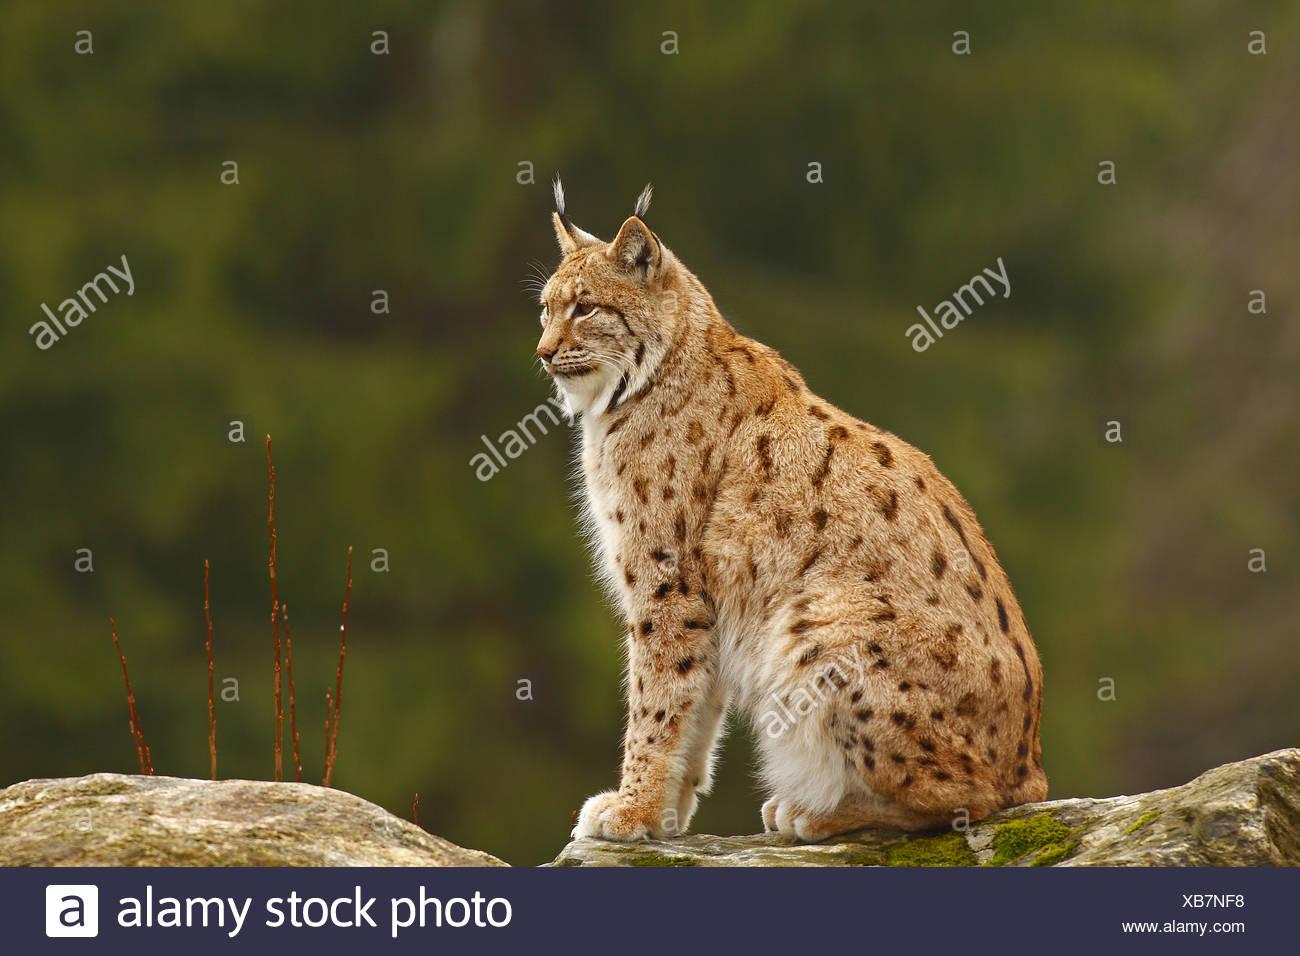 European, faune, Feloidea catlike, terres, vertébrés, lynx, lynx, Lynx lynx, Mammalia, nature, mammifère prédateur, Photo Stock